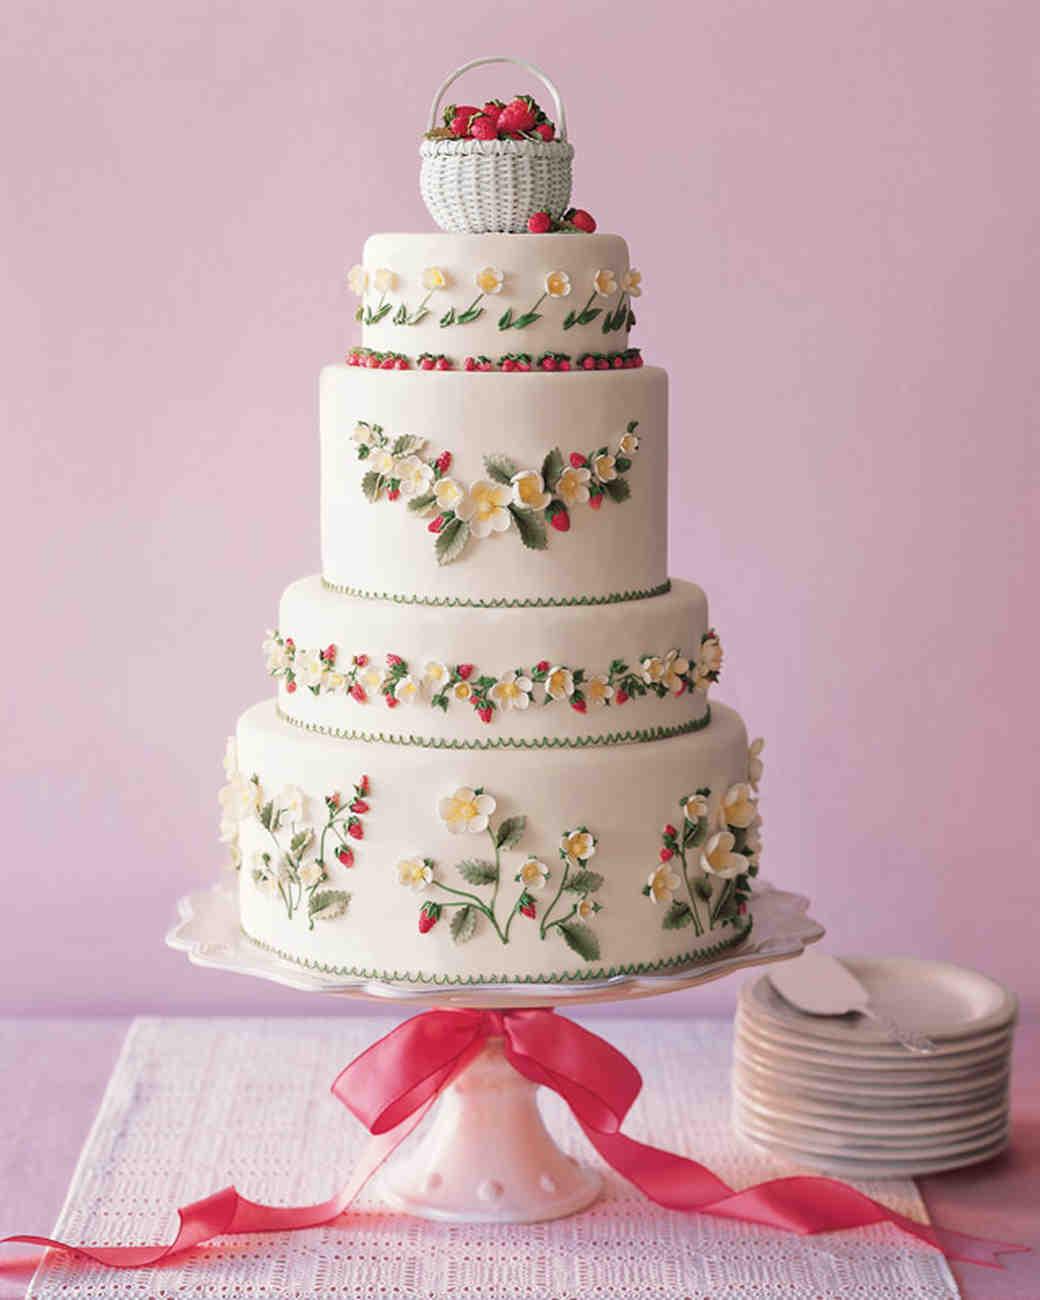 Strawberry Cake Assembly